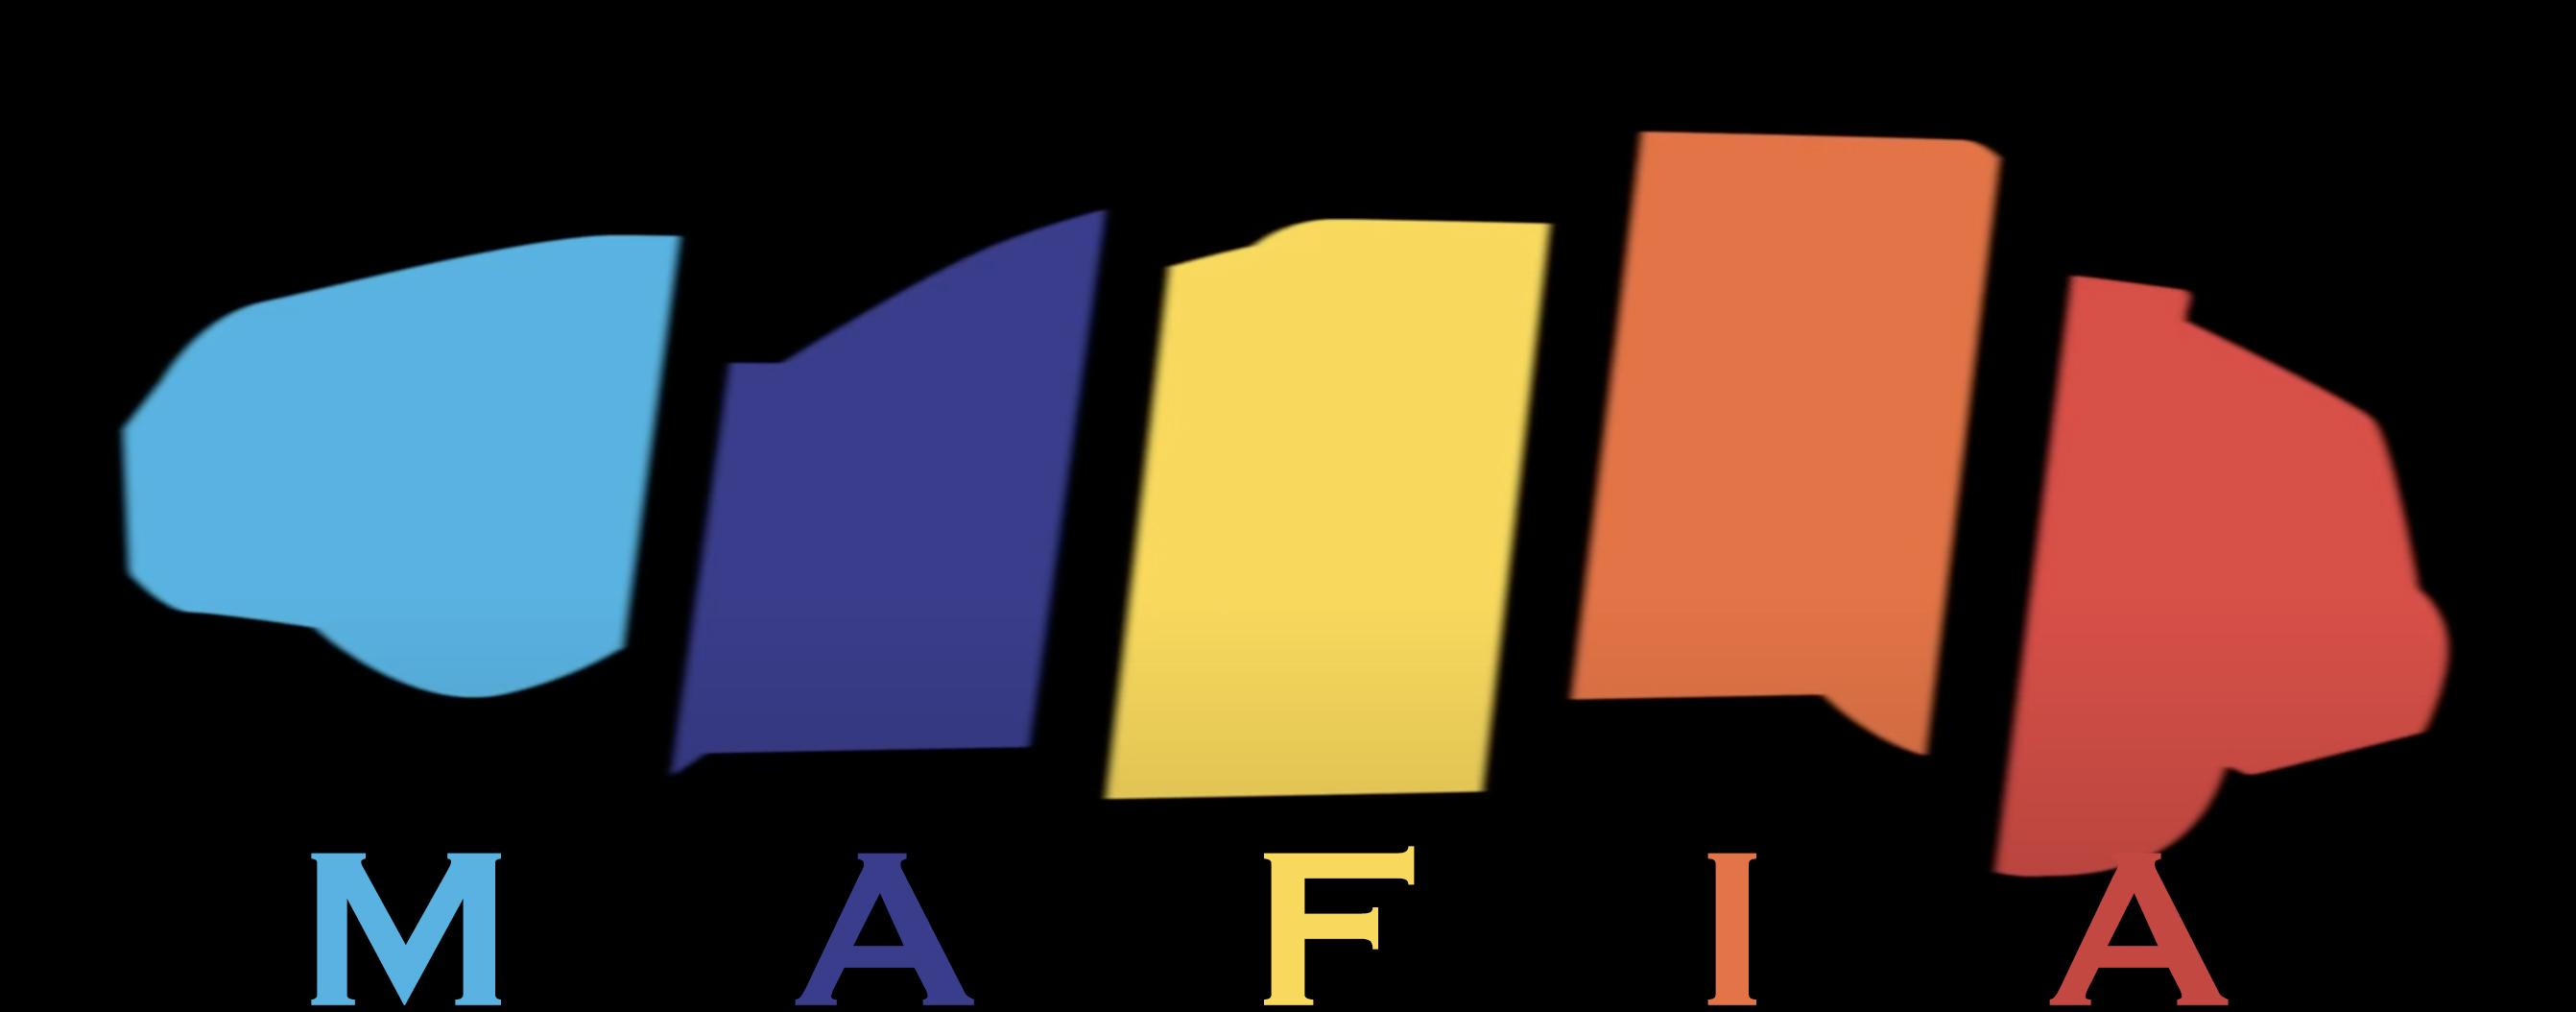 Name:  MAFIA tshirt.jpg Views: 122 Size:  348.8 KB